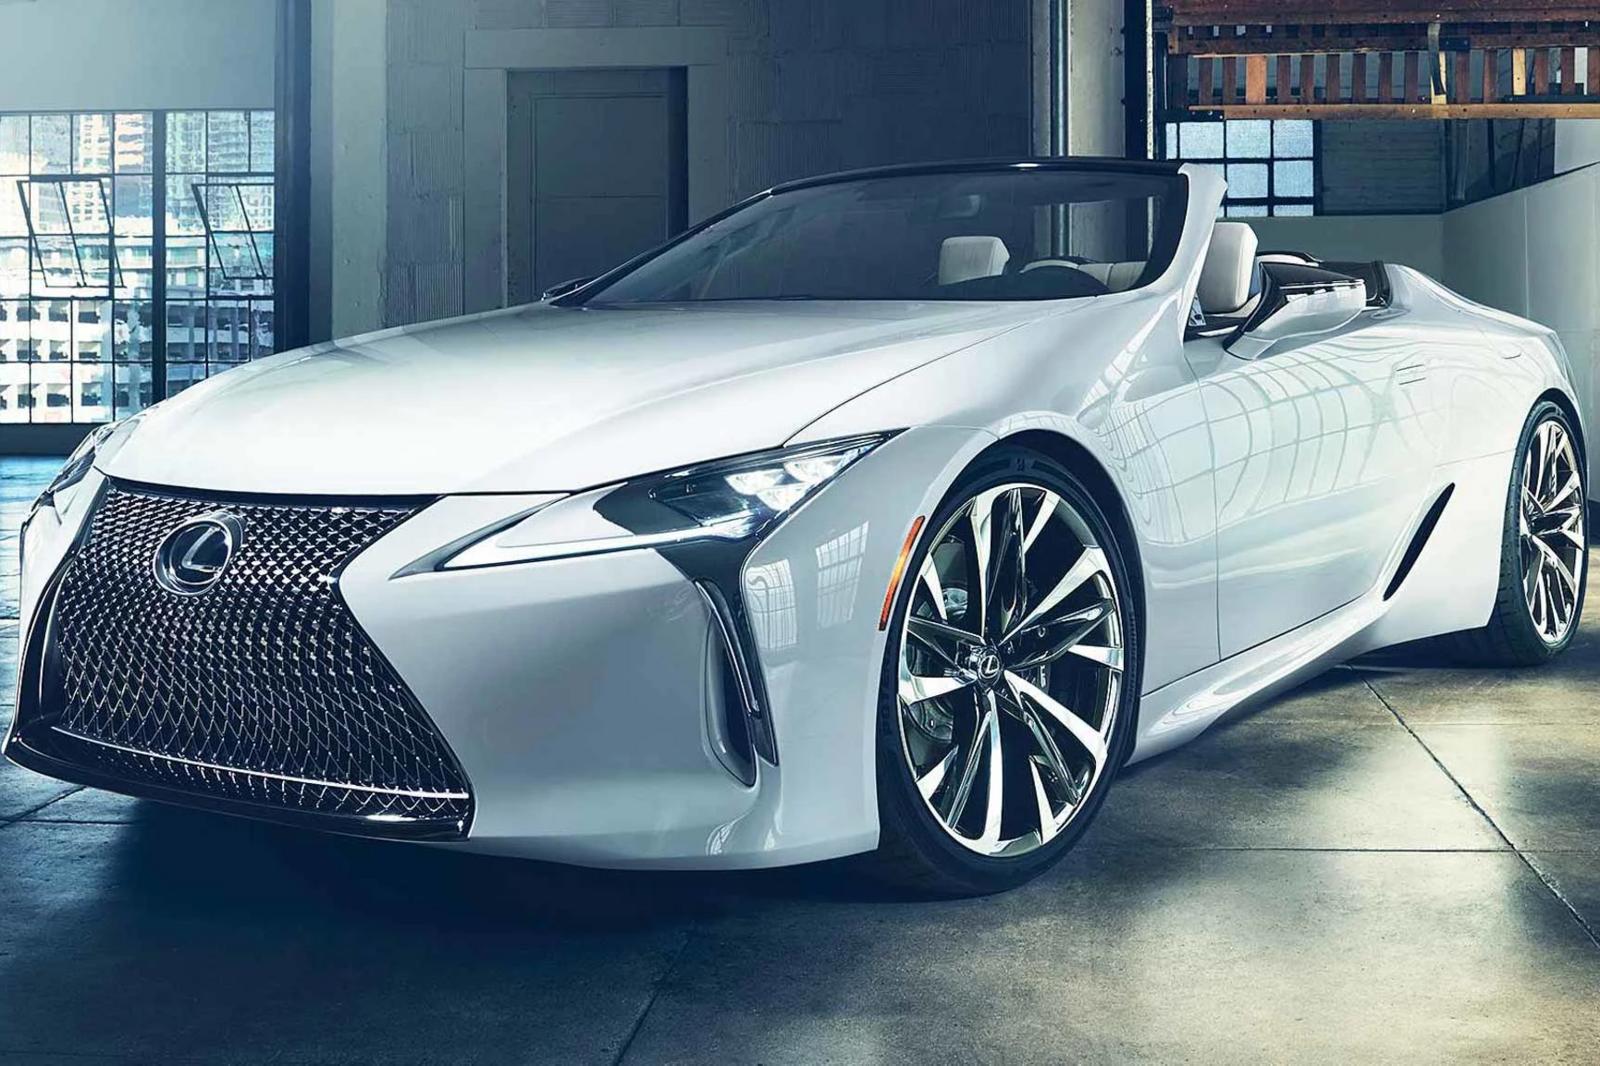 Lexus LC Convertible Concept 2020 sắp ra mắt tại Triển Lãm ô tô Quốc Tế Bắc Mỹ 2019 - Hình 1